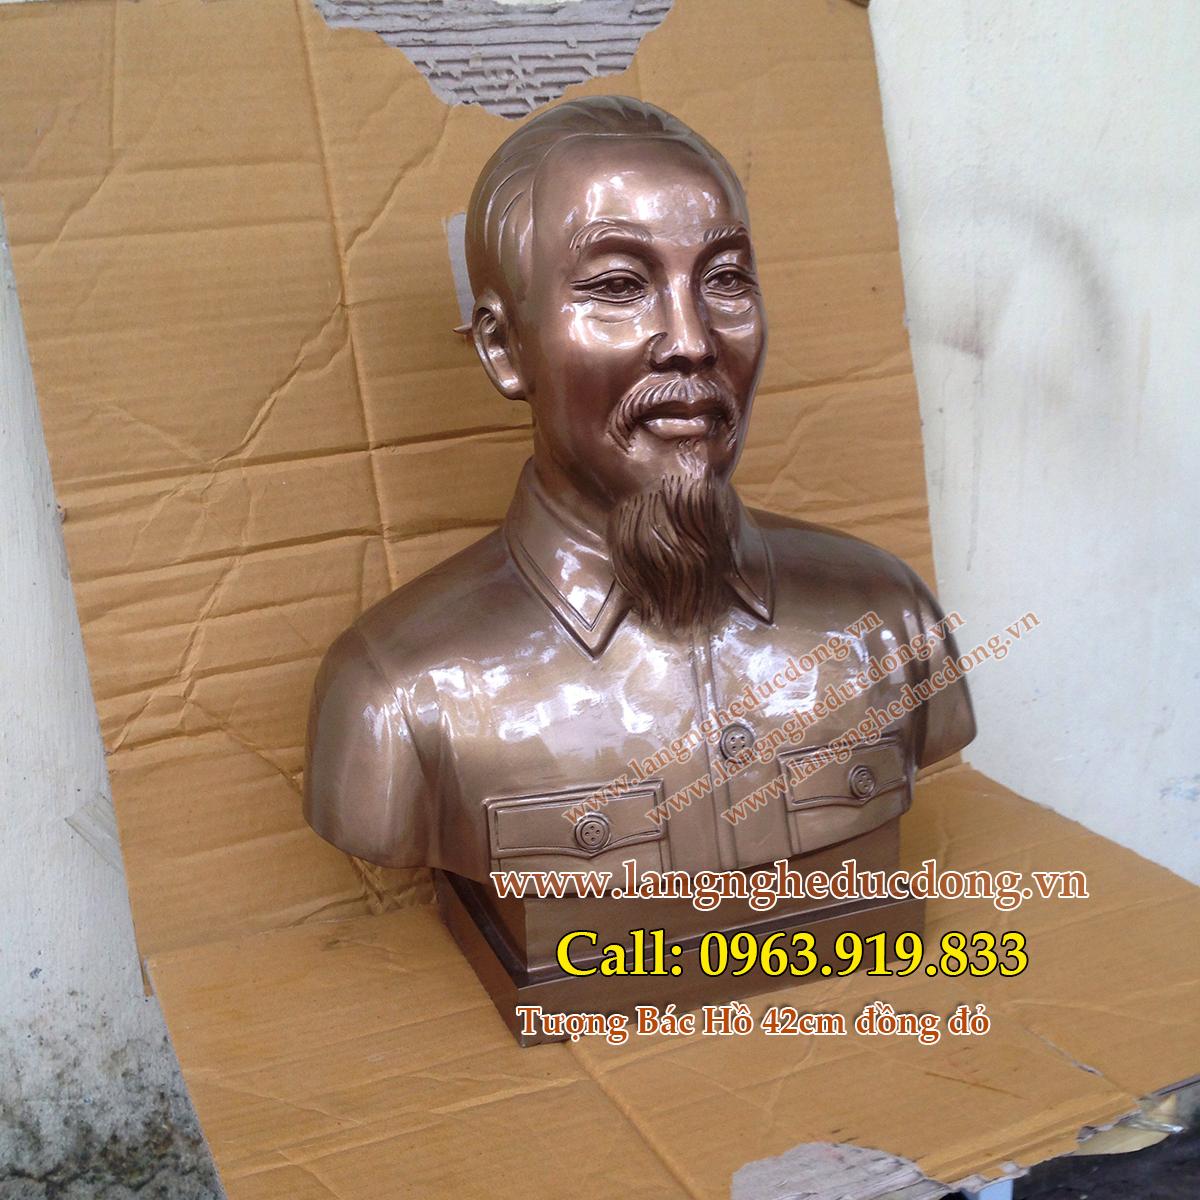 langngheducdong.vn - Tượng Bác Hồ cao 42cm, tượng đồng Bác Hồ